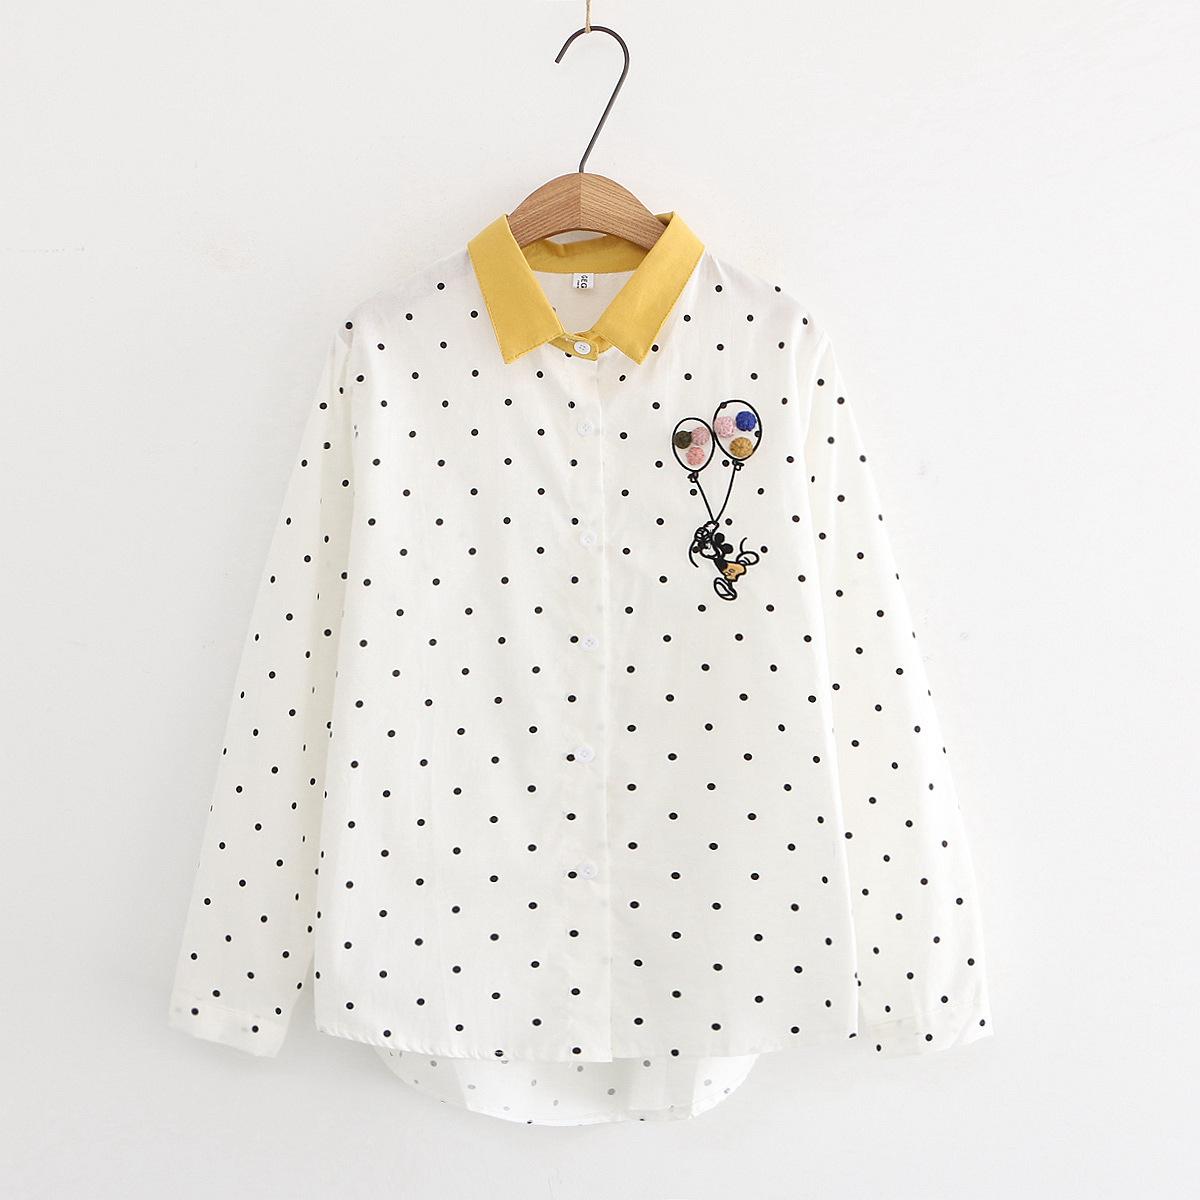 日系翻领撞色刺绣气球长袖衬衫宽松百搭学生少女打底衬衣